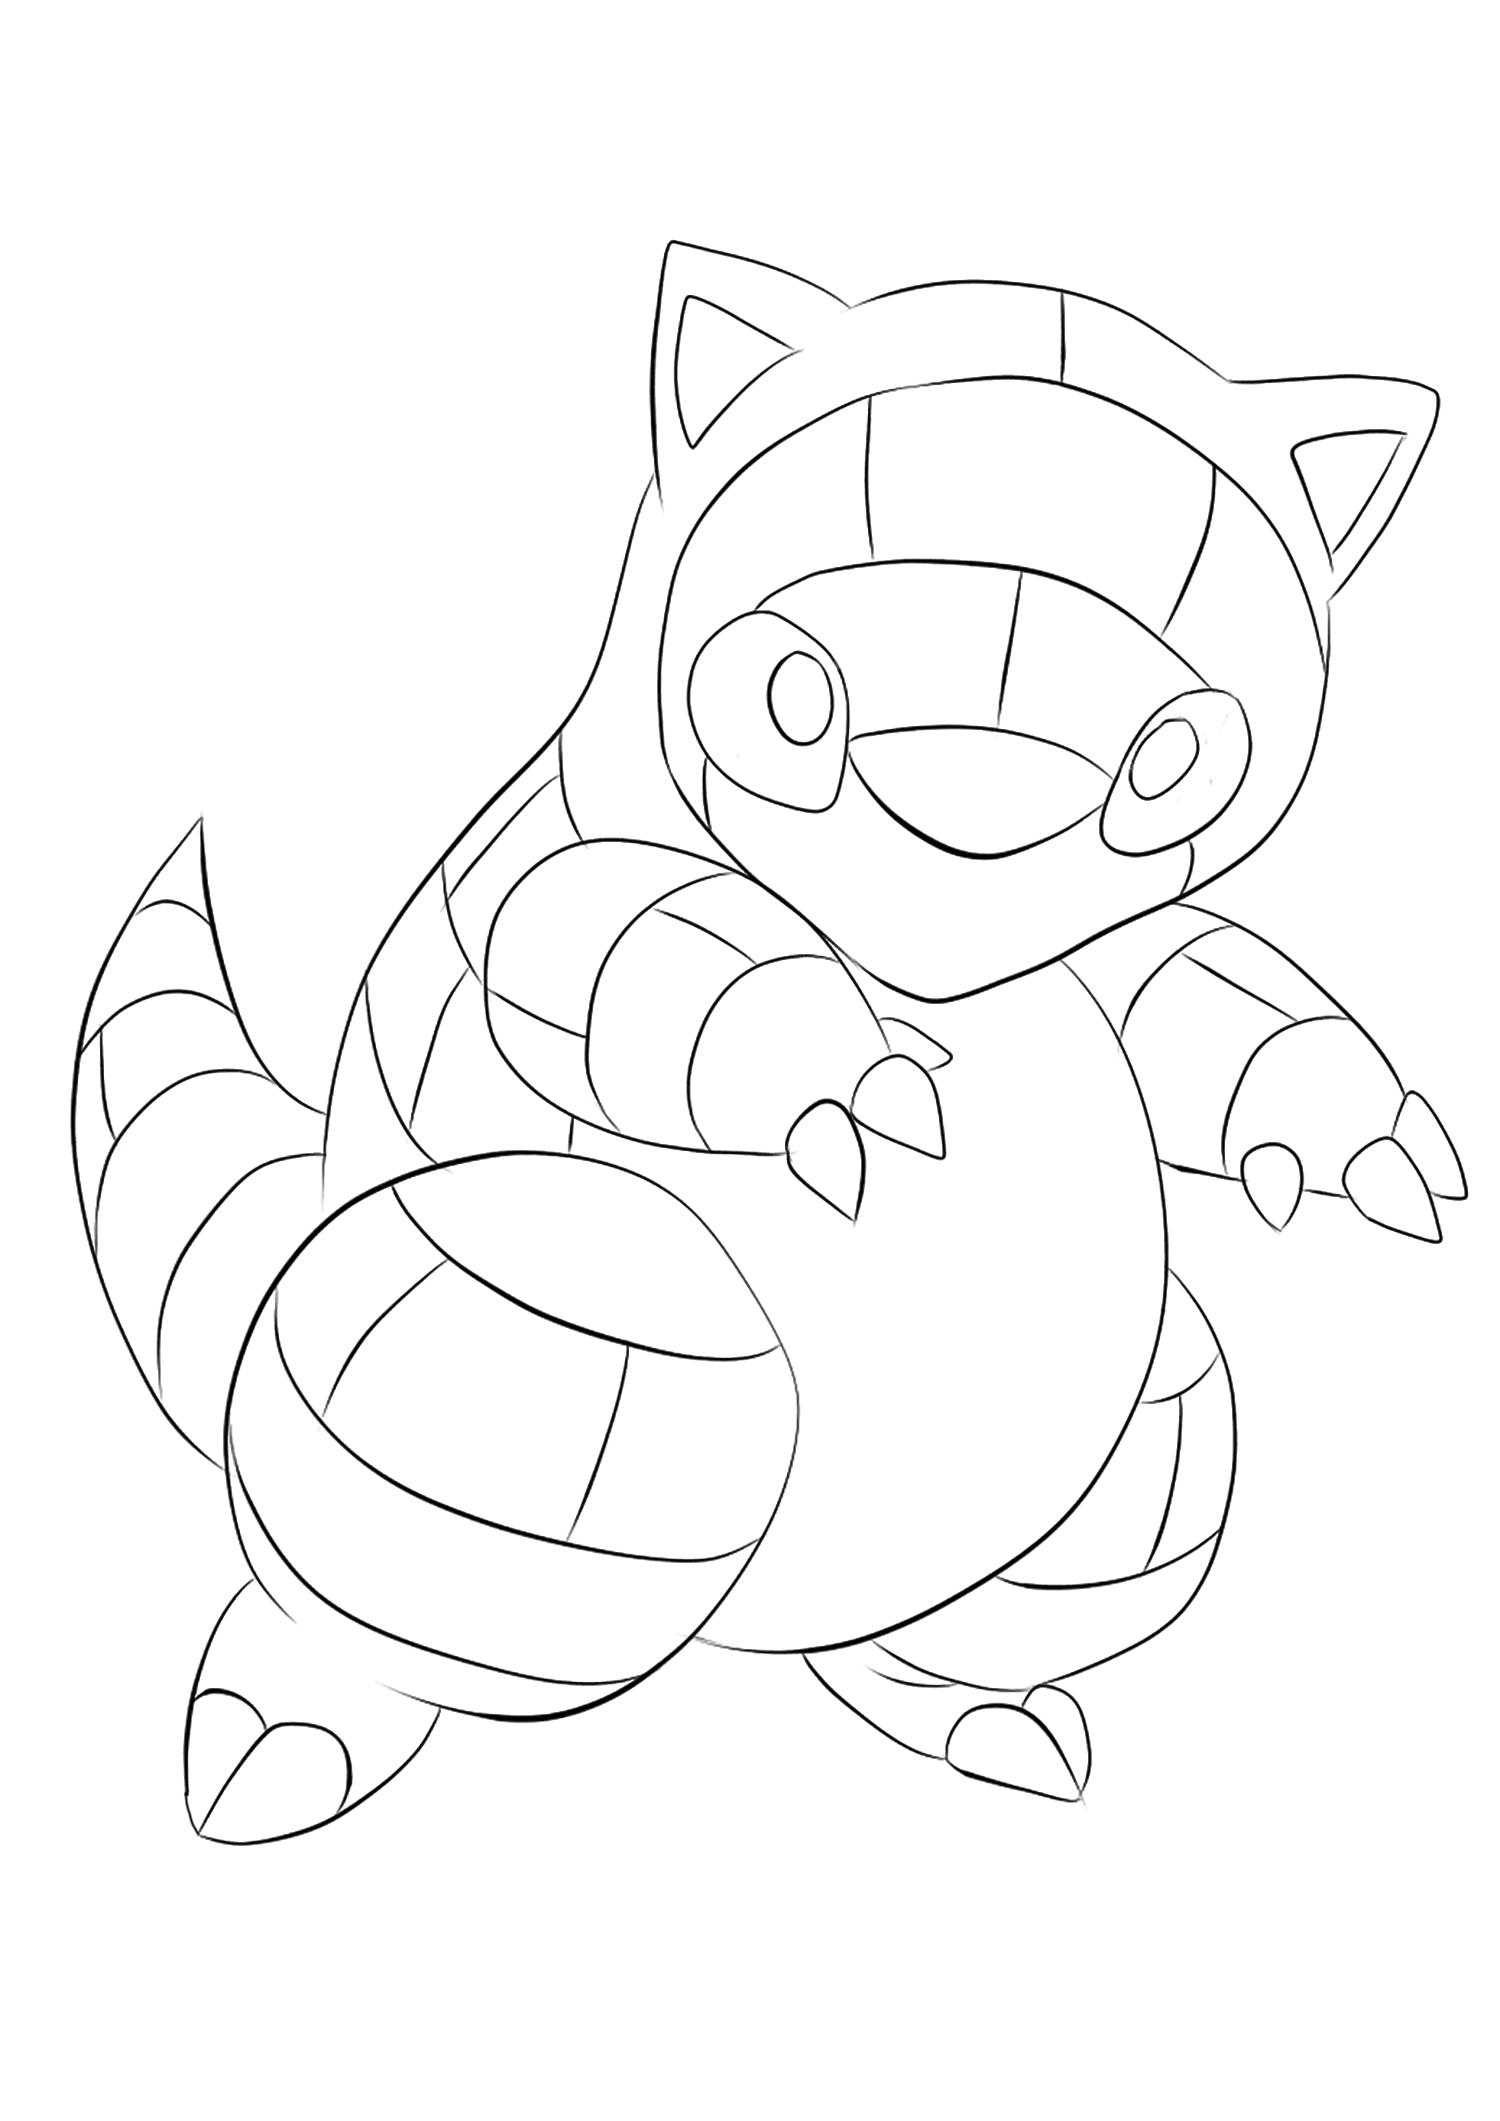 <b>Sandshrew</b> (No.27) : Pokemon (Generation I)